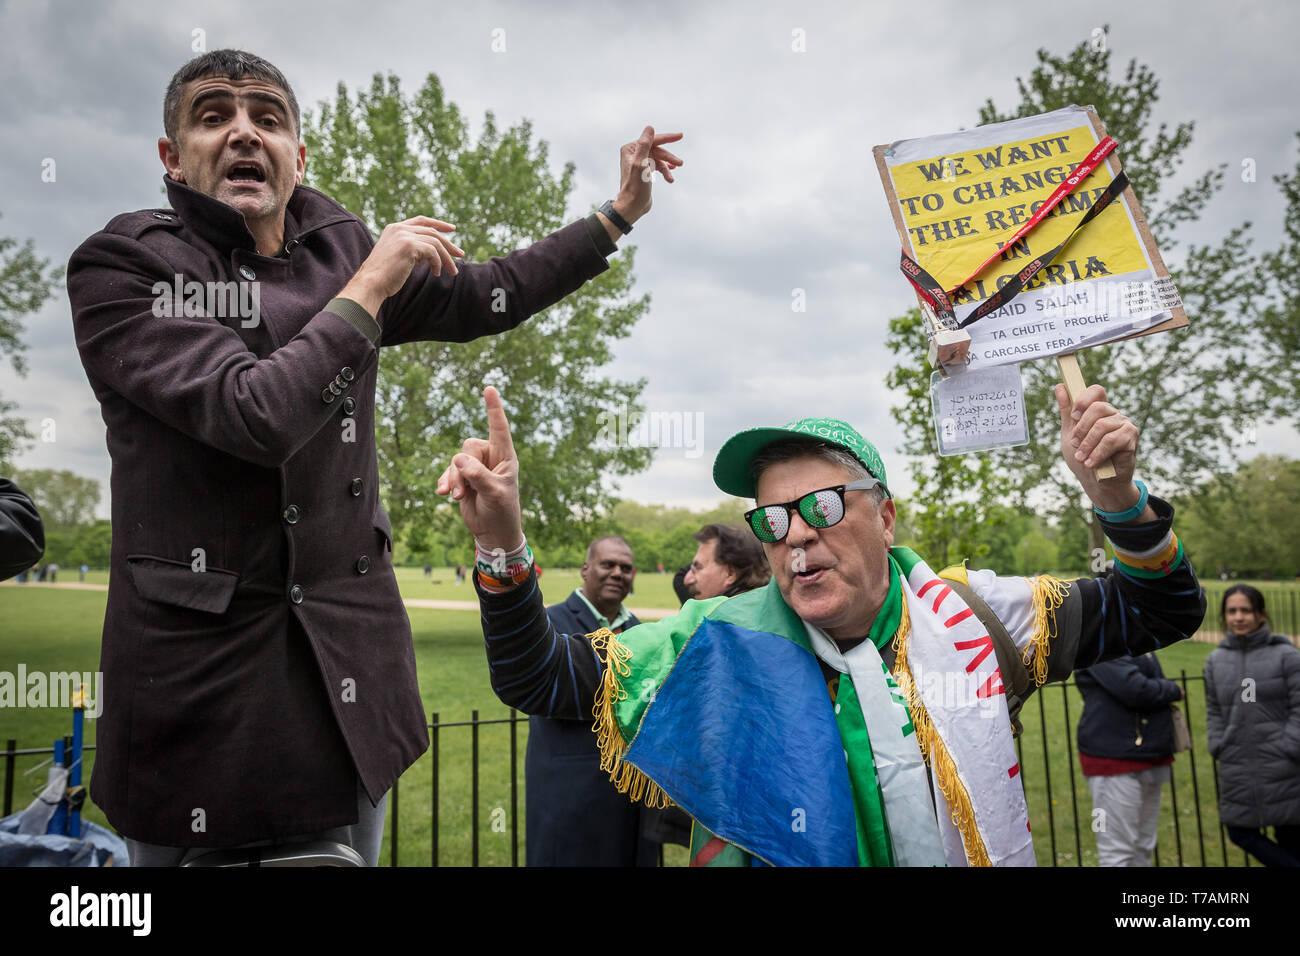 El cambio de régimen en Argelia se debatió en el Speakers' Corner, el hablar en público en el área de Hyde Park en Londres, Reino Unido. Imagen De Stock